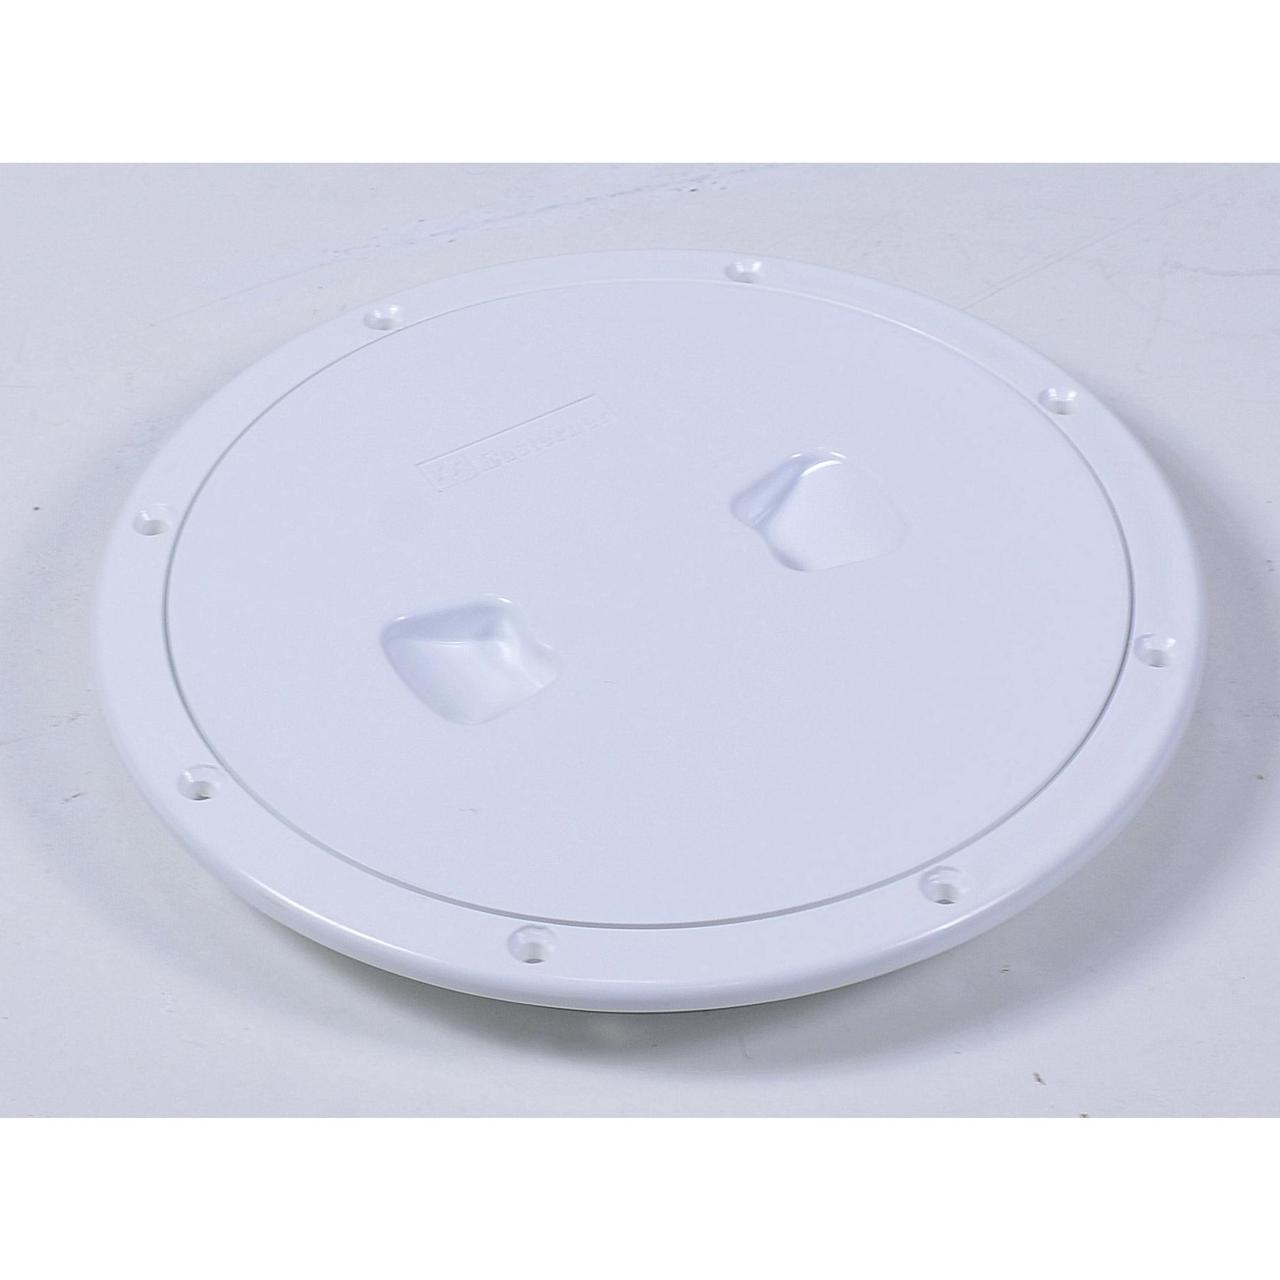 Лючок инспекционный диаметр 12,7 см Esterner C13023W6